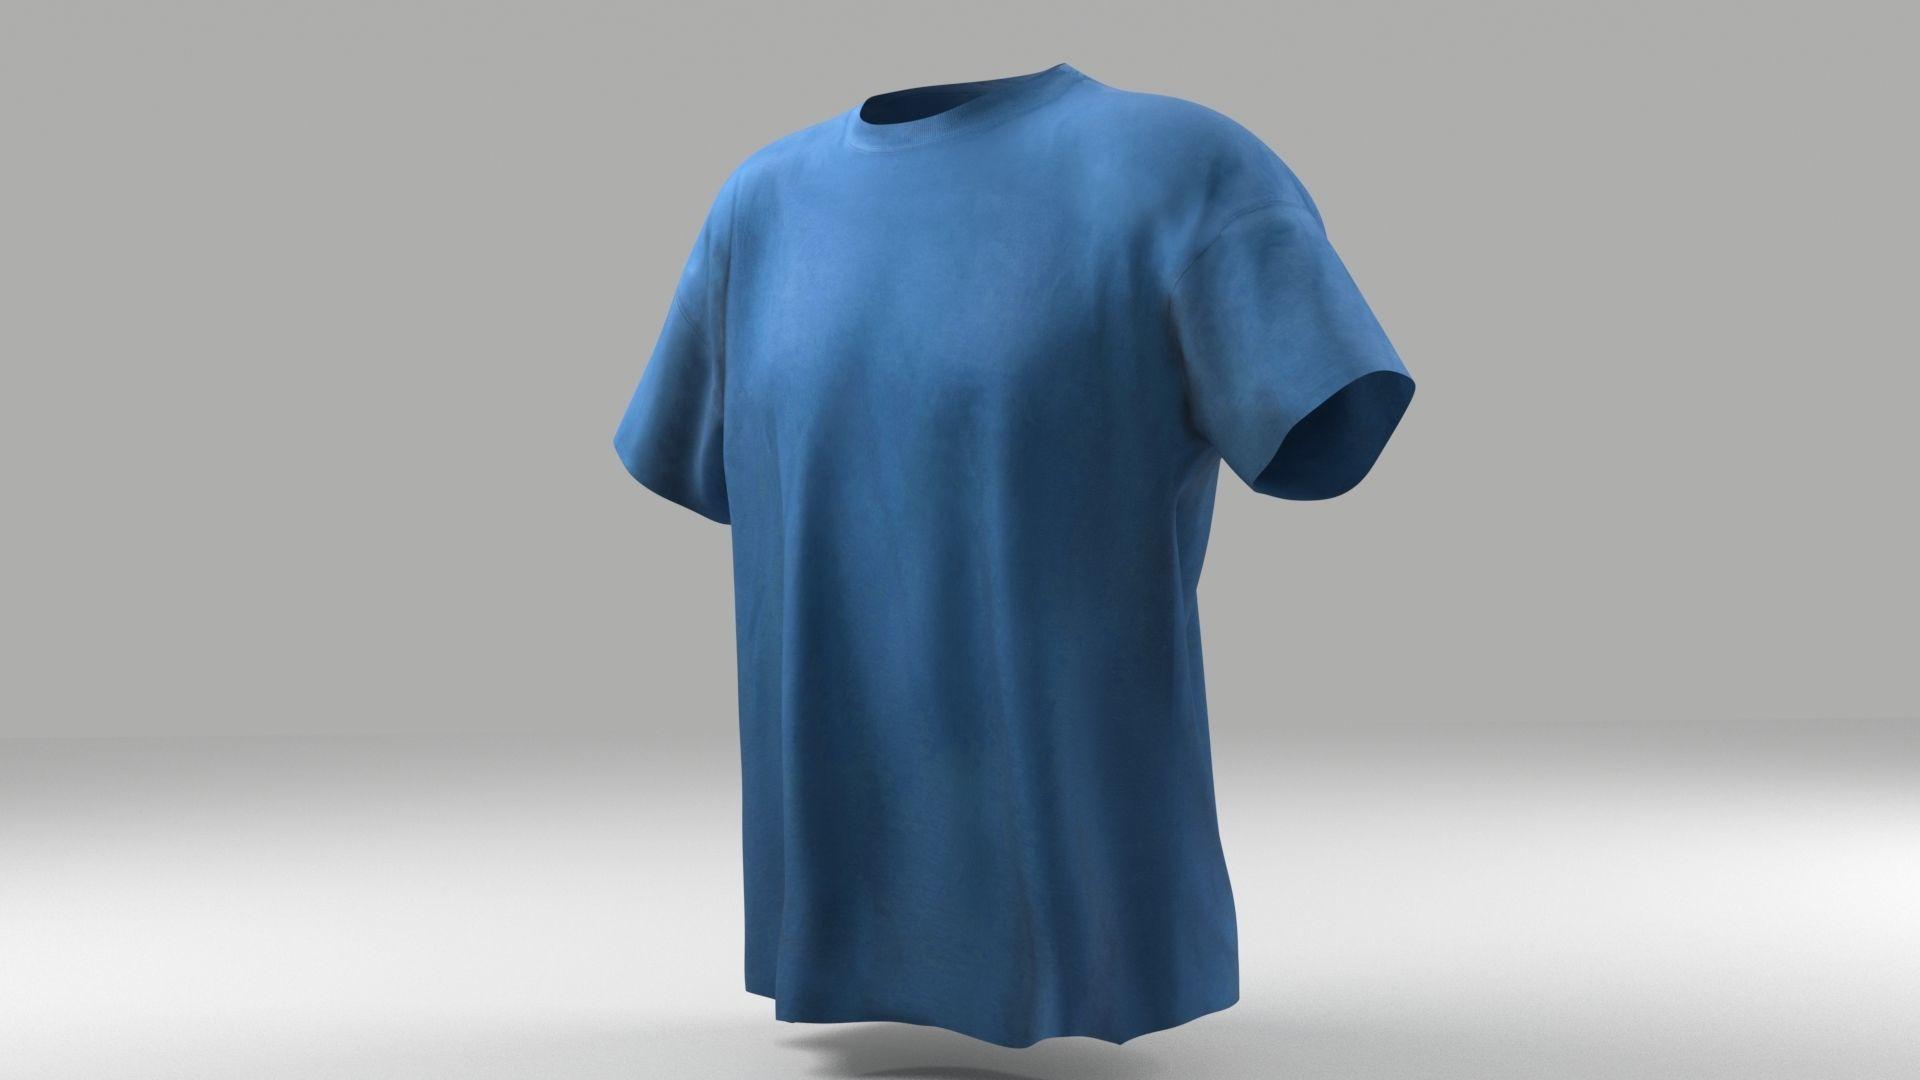 T-shirt 3D model low poly